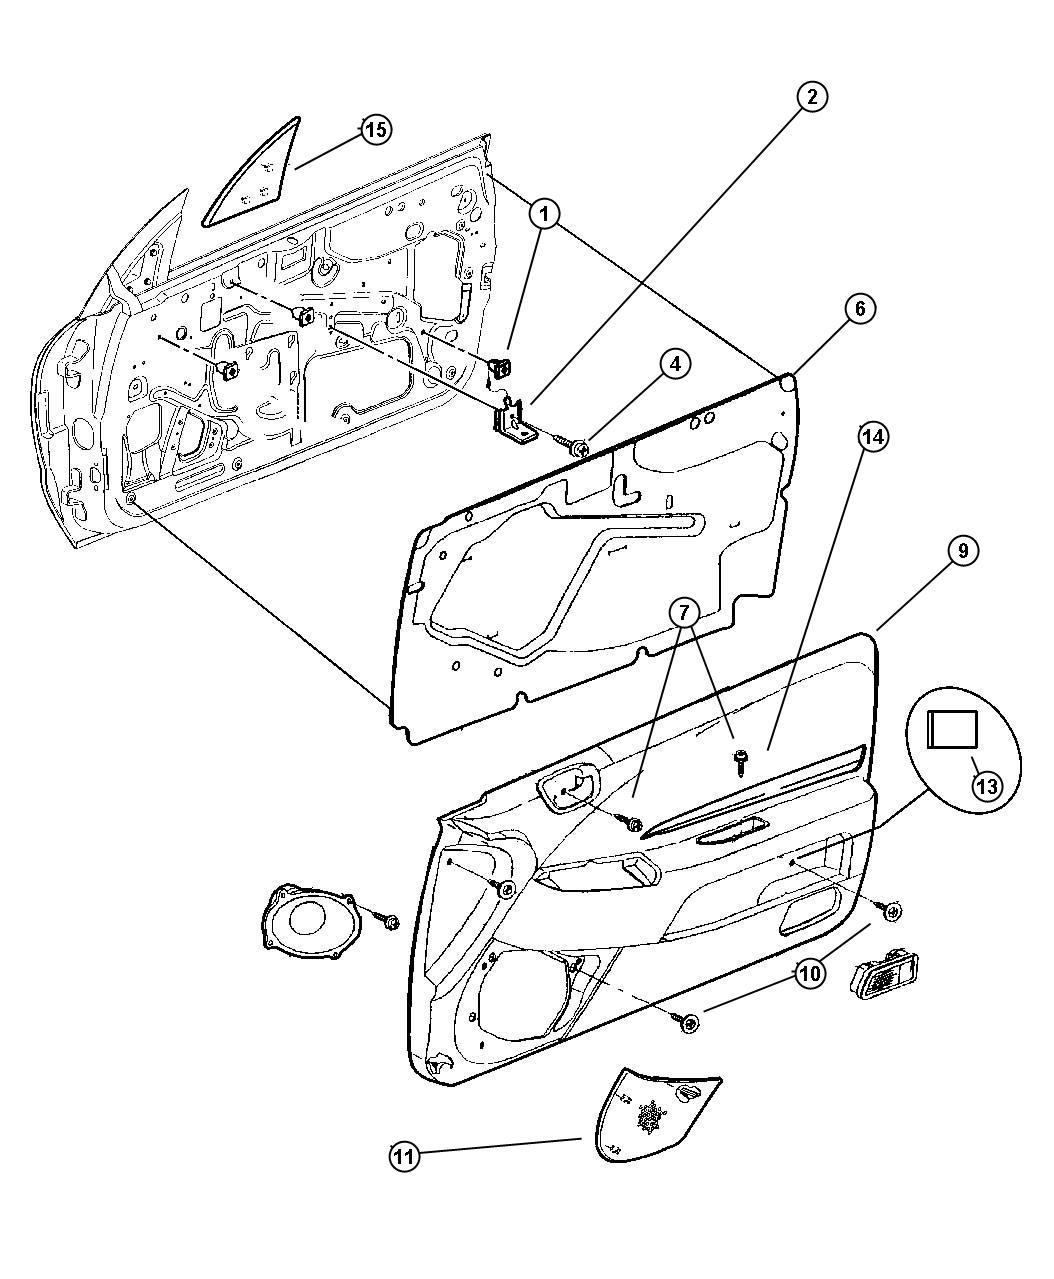 2005 chrysler sebring wiring diagram porsche 924 turbo 2000 convertible interior parts